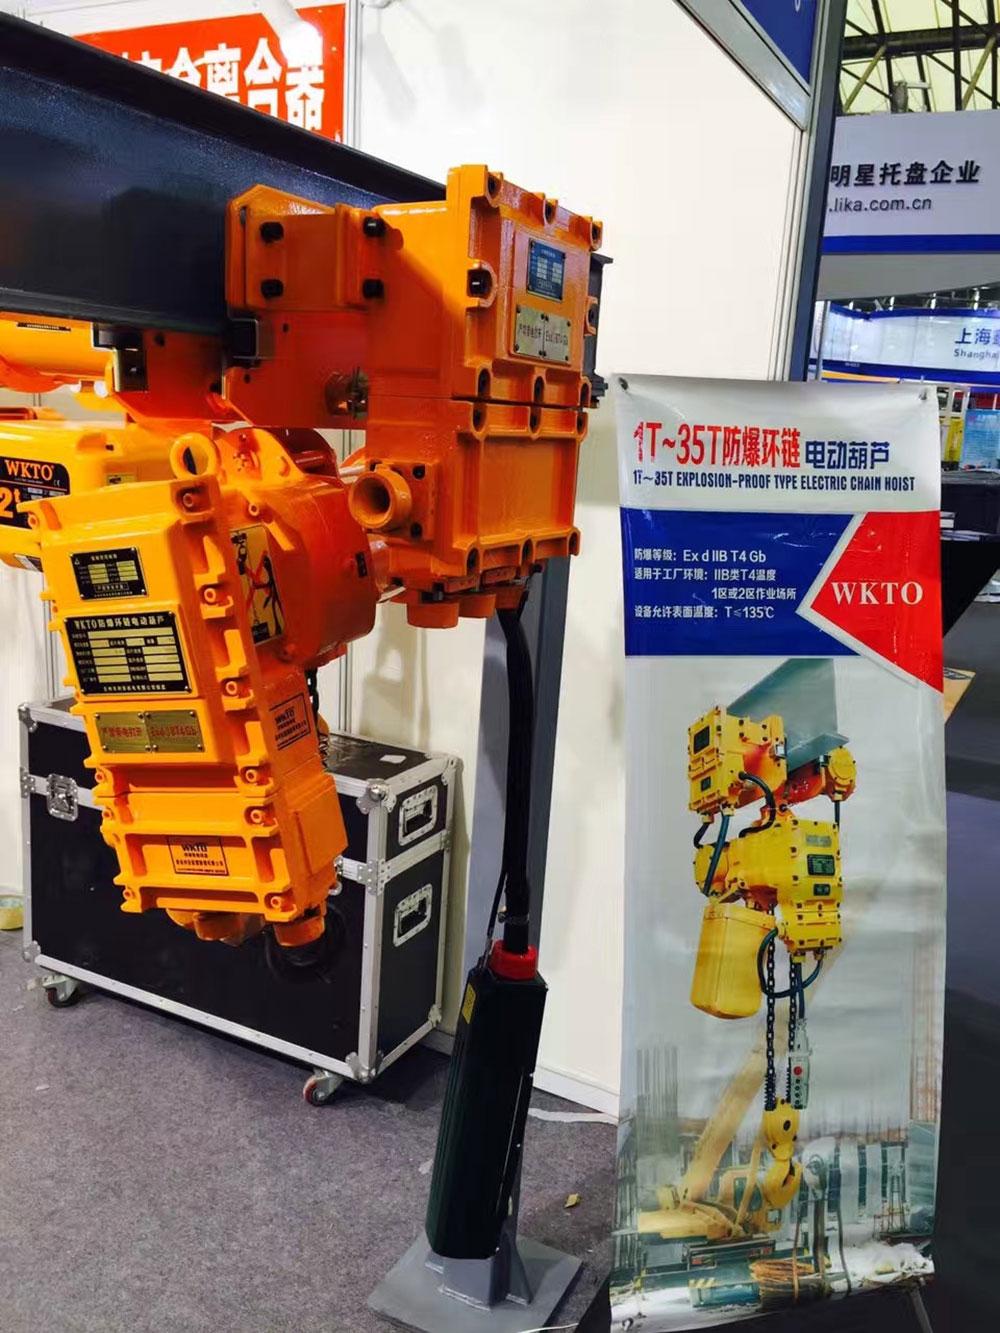 016-MHTOOL-WKTO-Polipasto eléctrico de cadena a prueba de explosiones